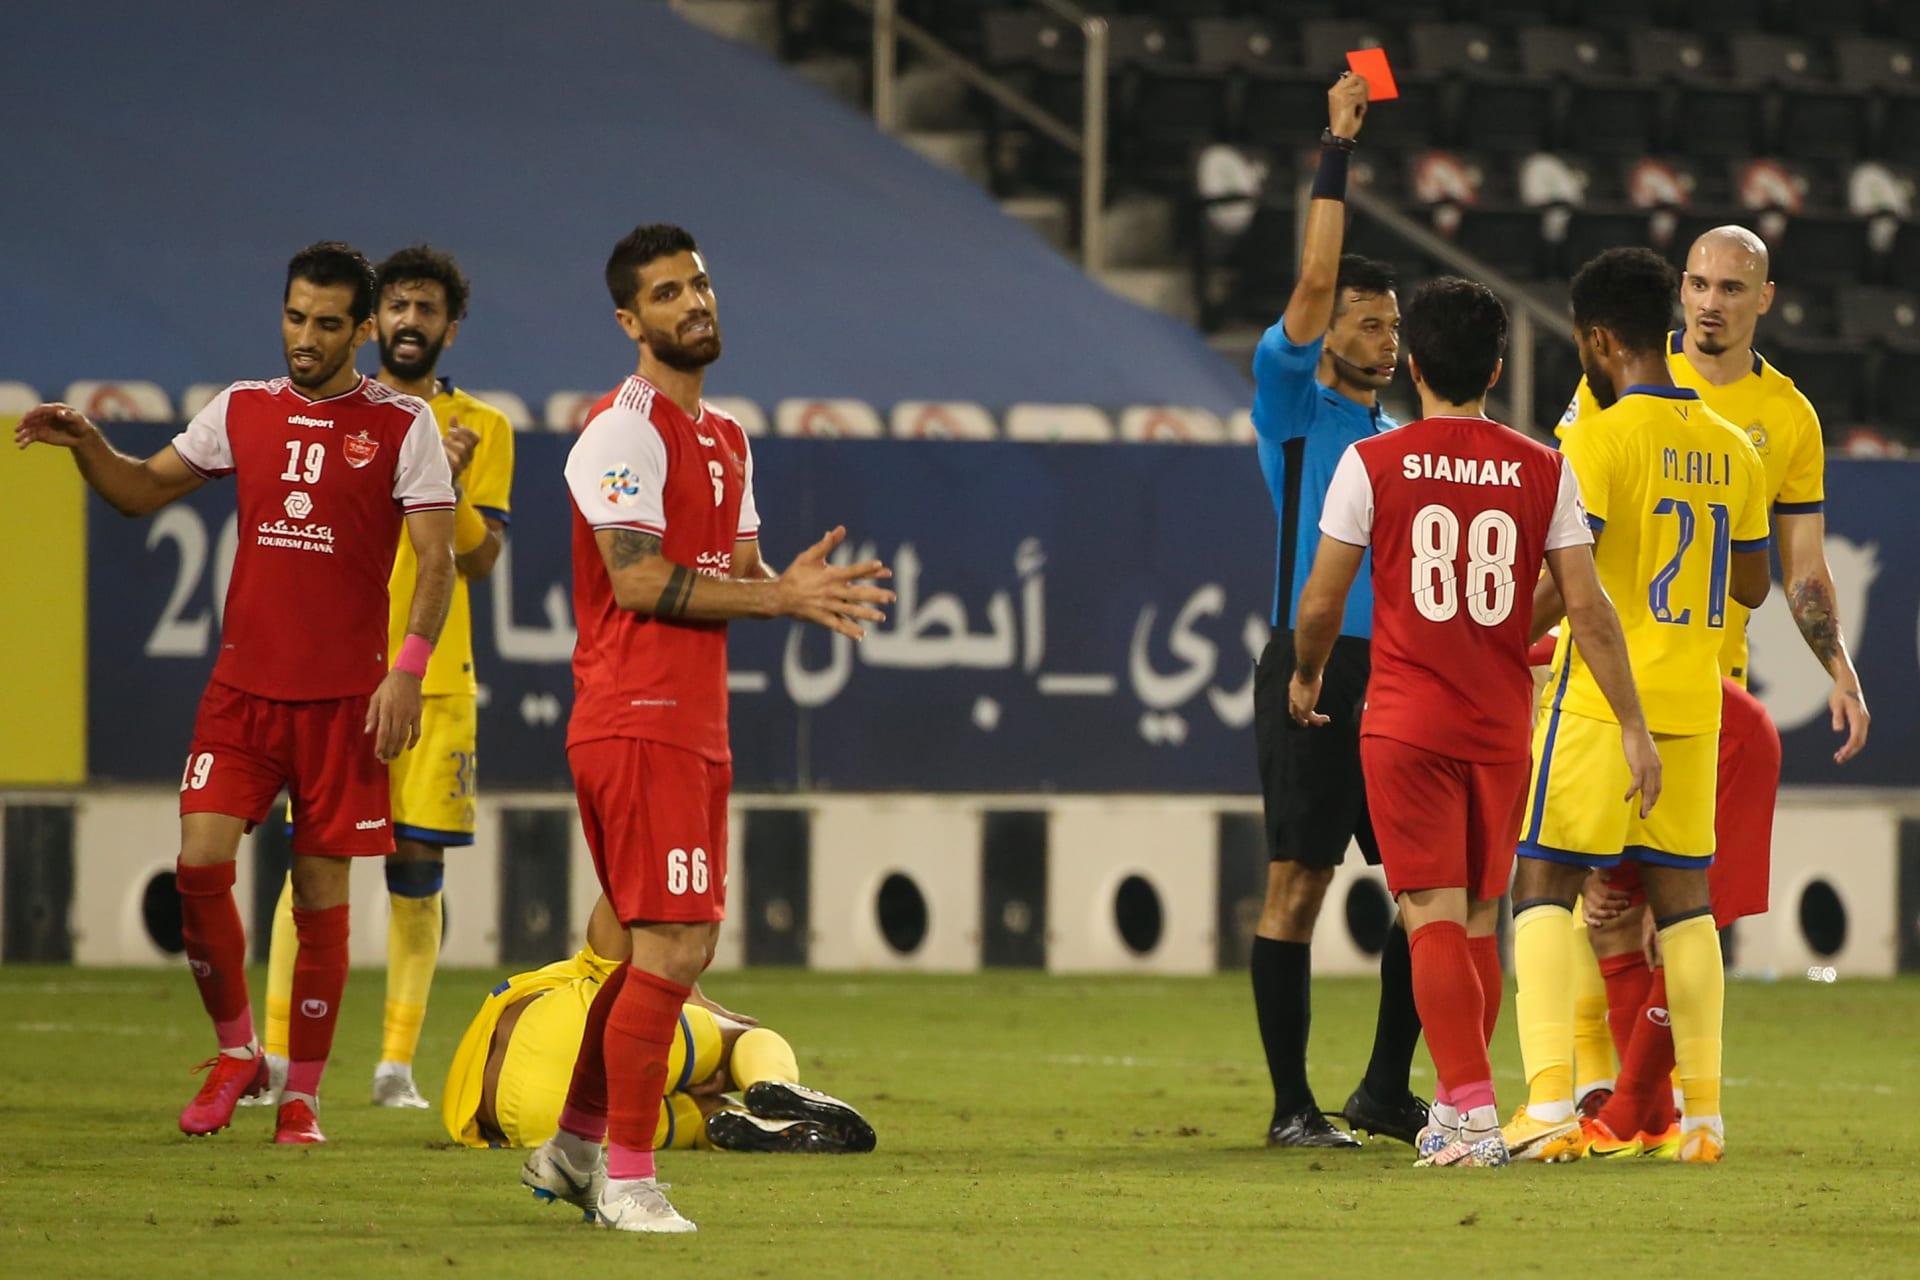 رفض احتجاج النصر.. الاتحاد الآسيوي يرد طلب الفريق السعودي